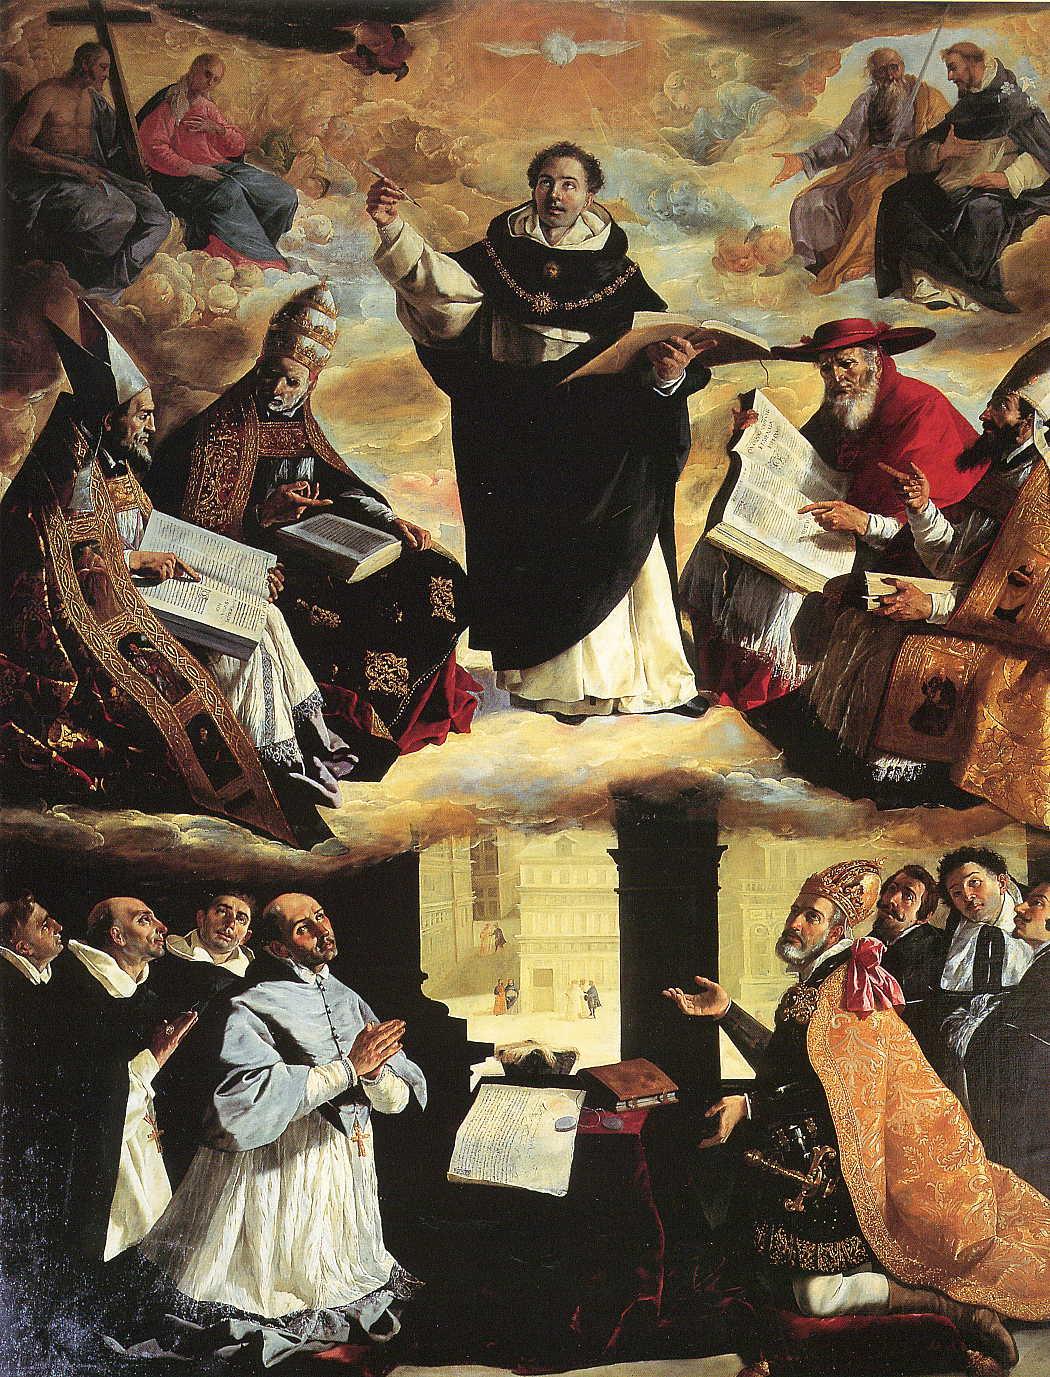 Los Milagros Impresionantes de Santo Tomás de Aquino